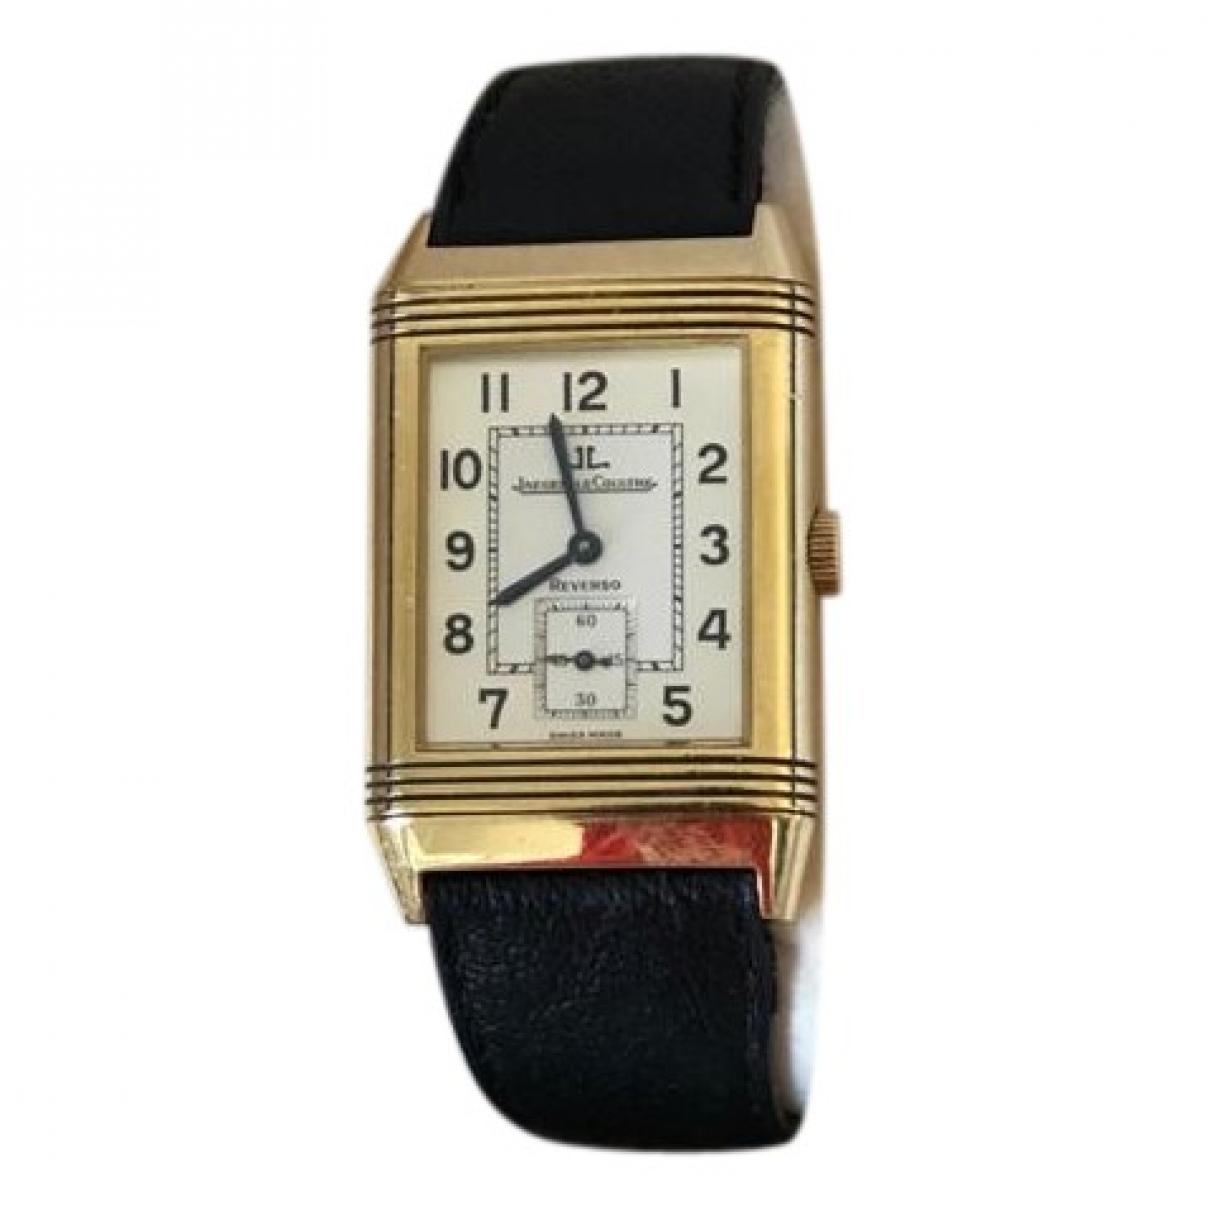 Jaeger-lecoultre Reverso Grand Modele Uhr in  Gold Gelbgold